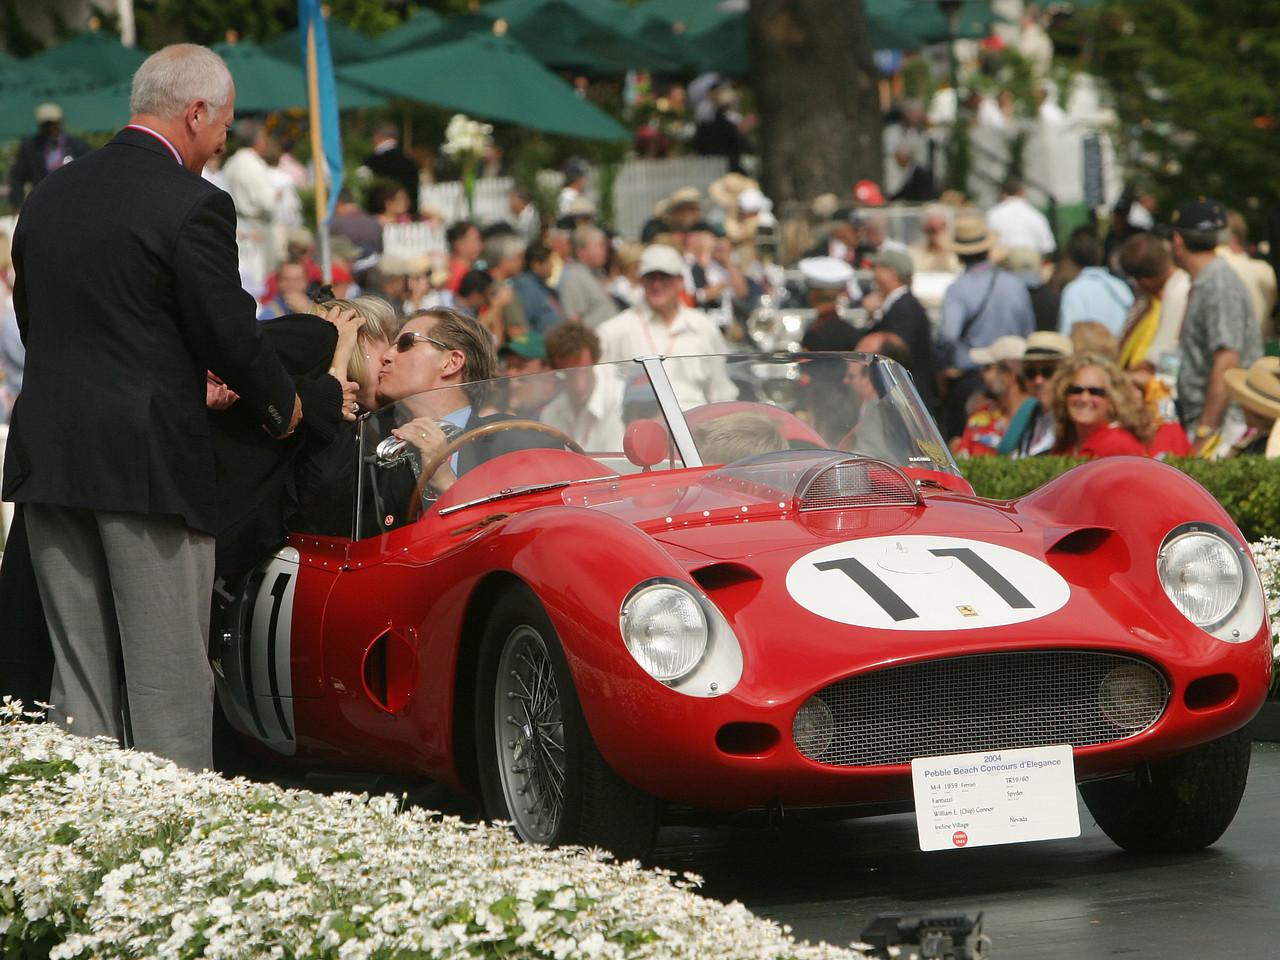 1959 Ferrari TR59/60 Fantuzzi Spyder.  Pebble Beach Cup. William E. (Chip) Connor.